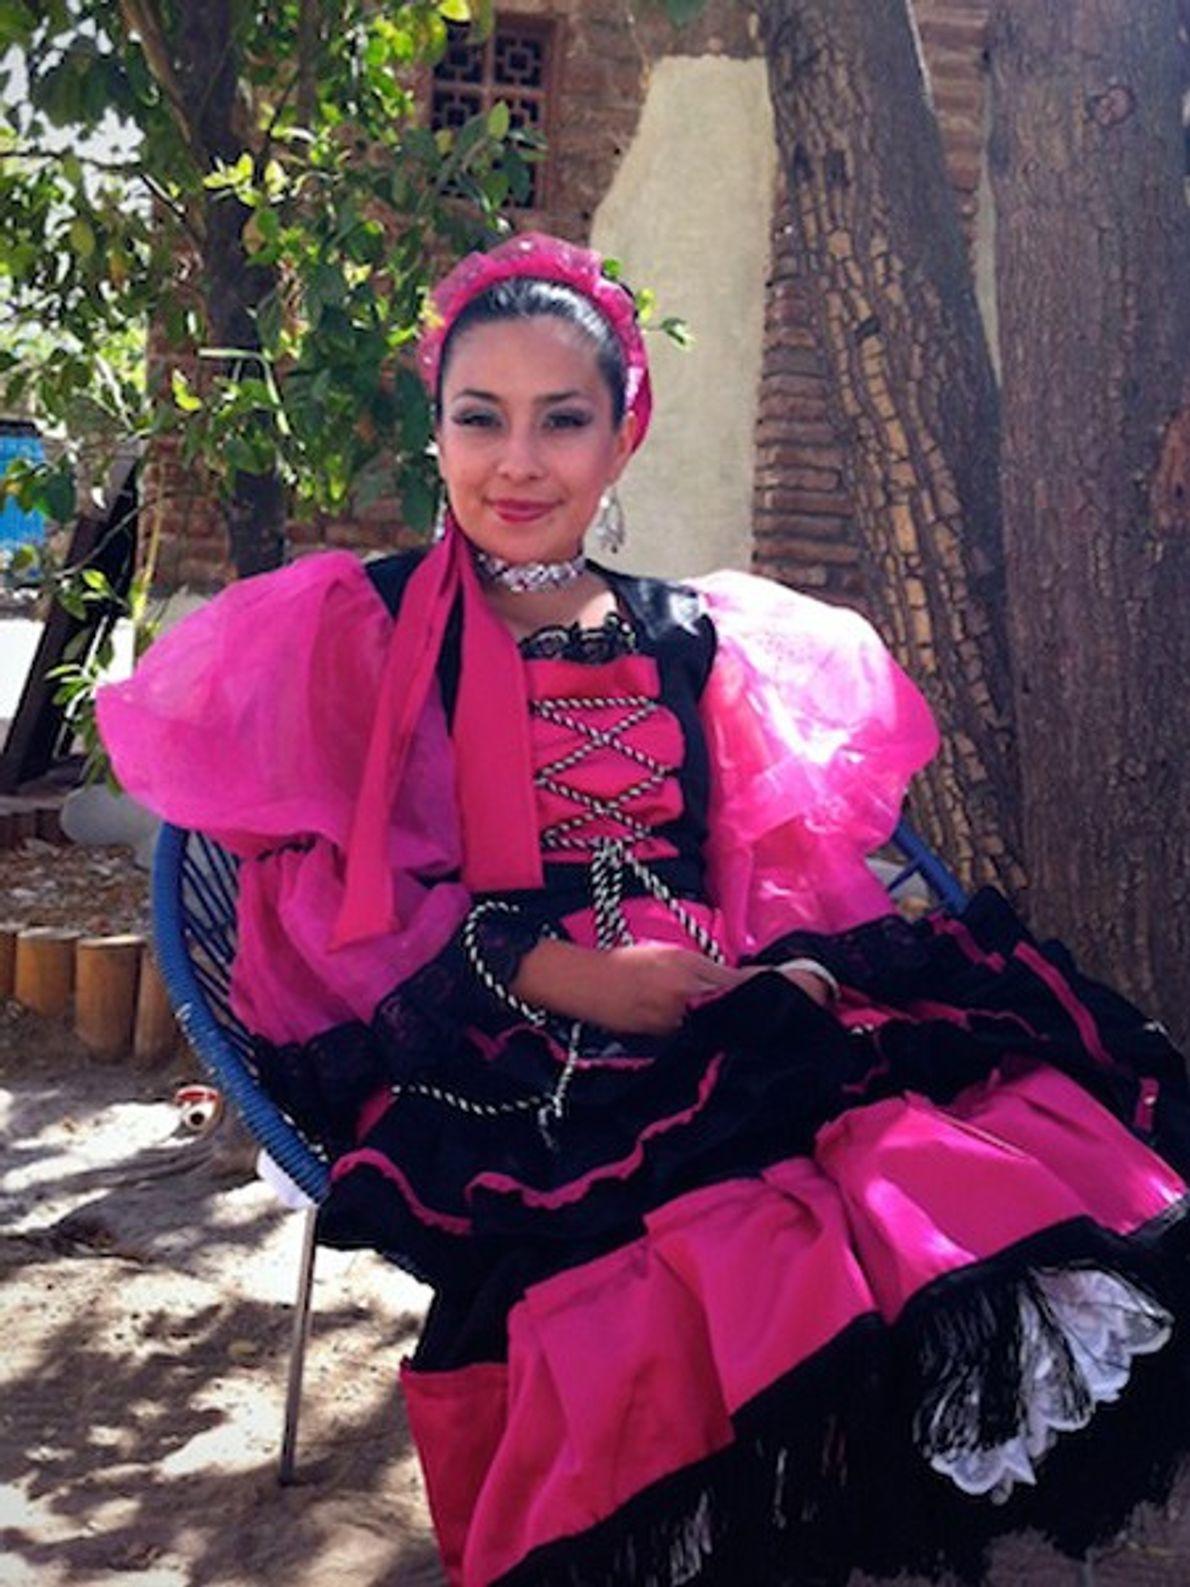 Tänzerin, Mexiko